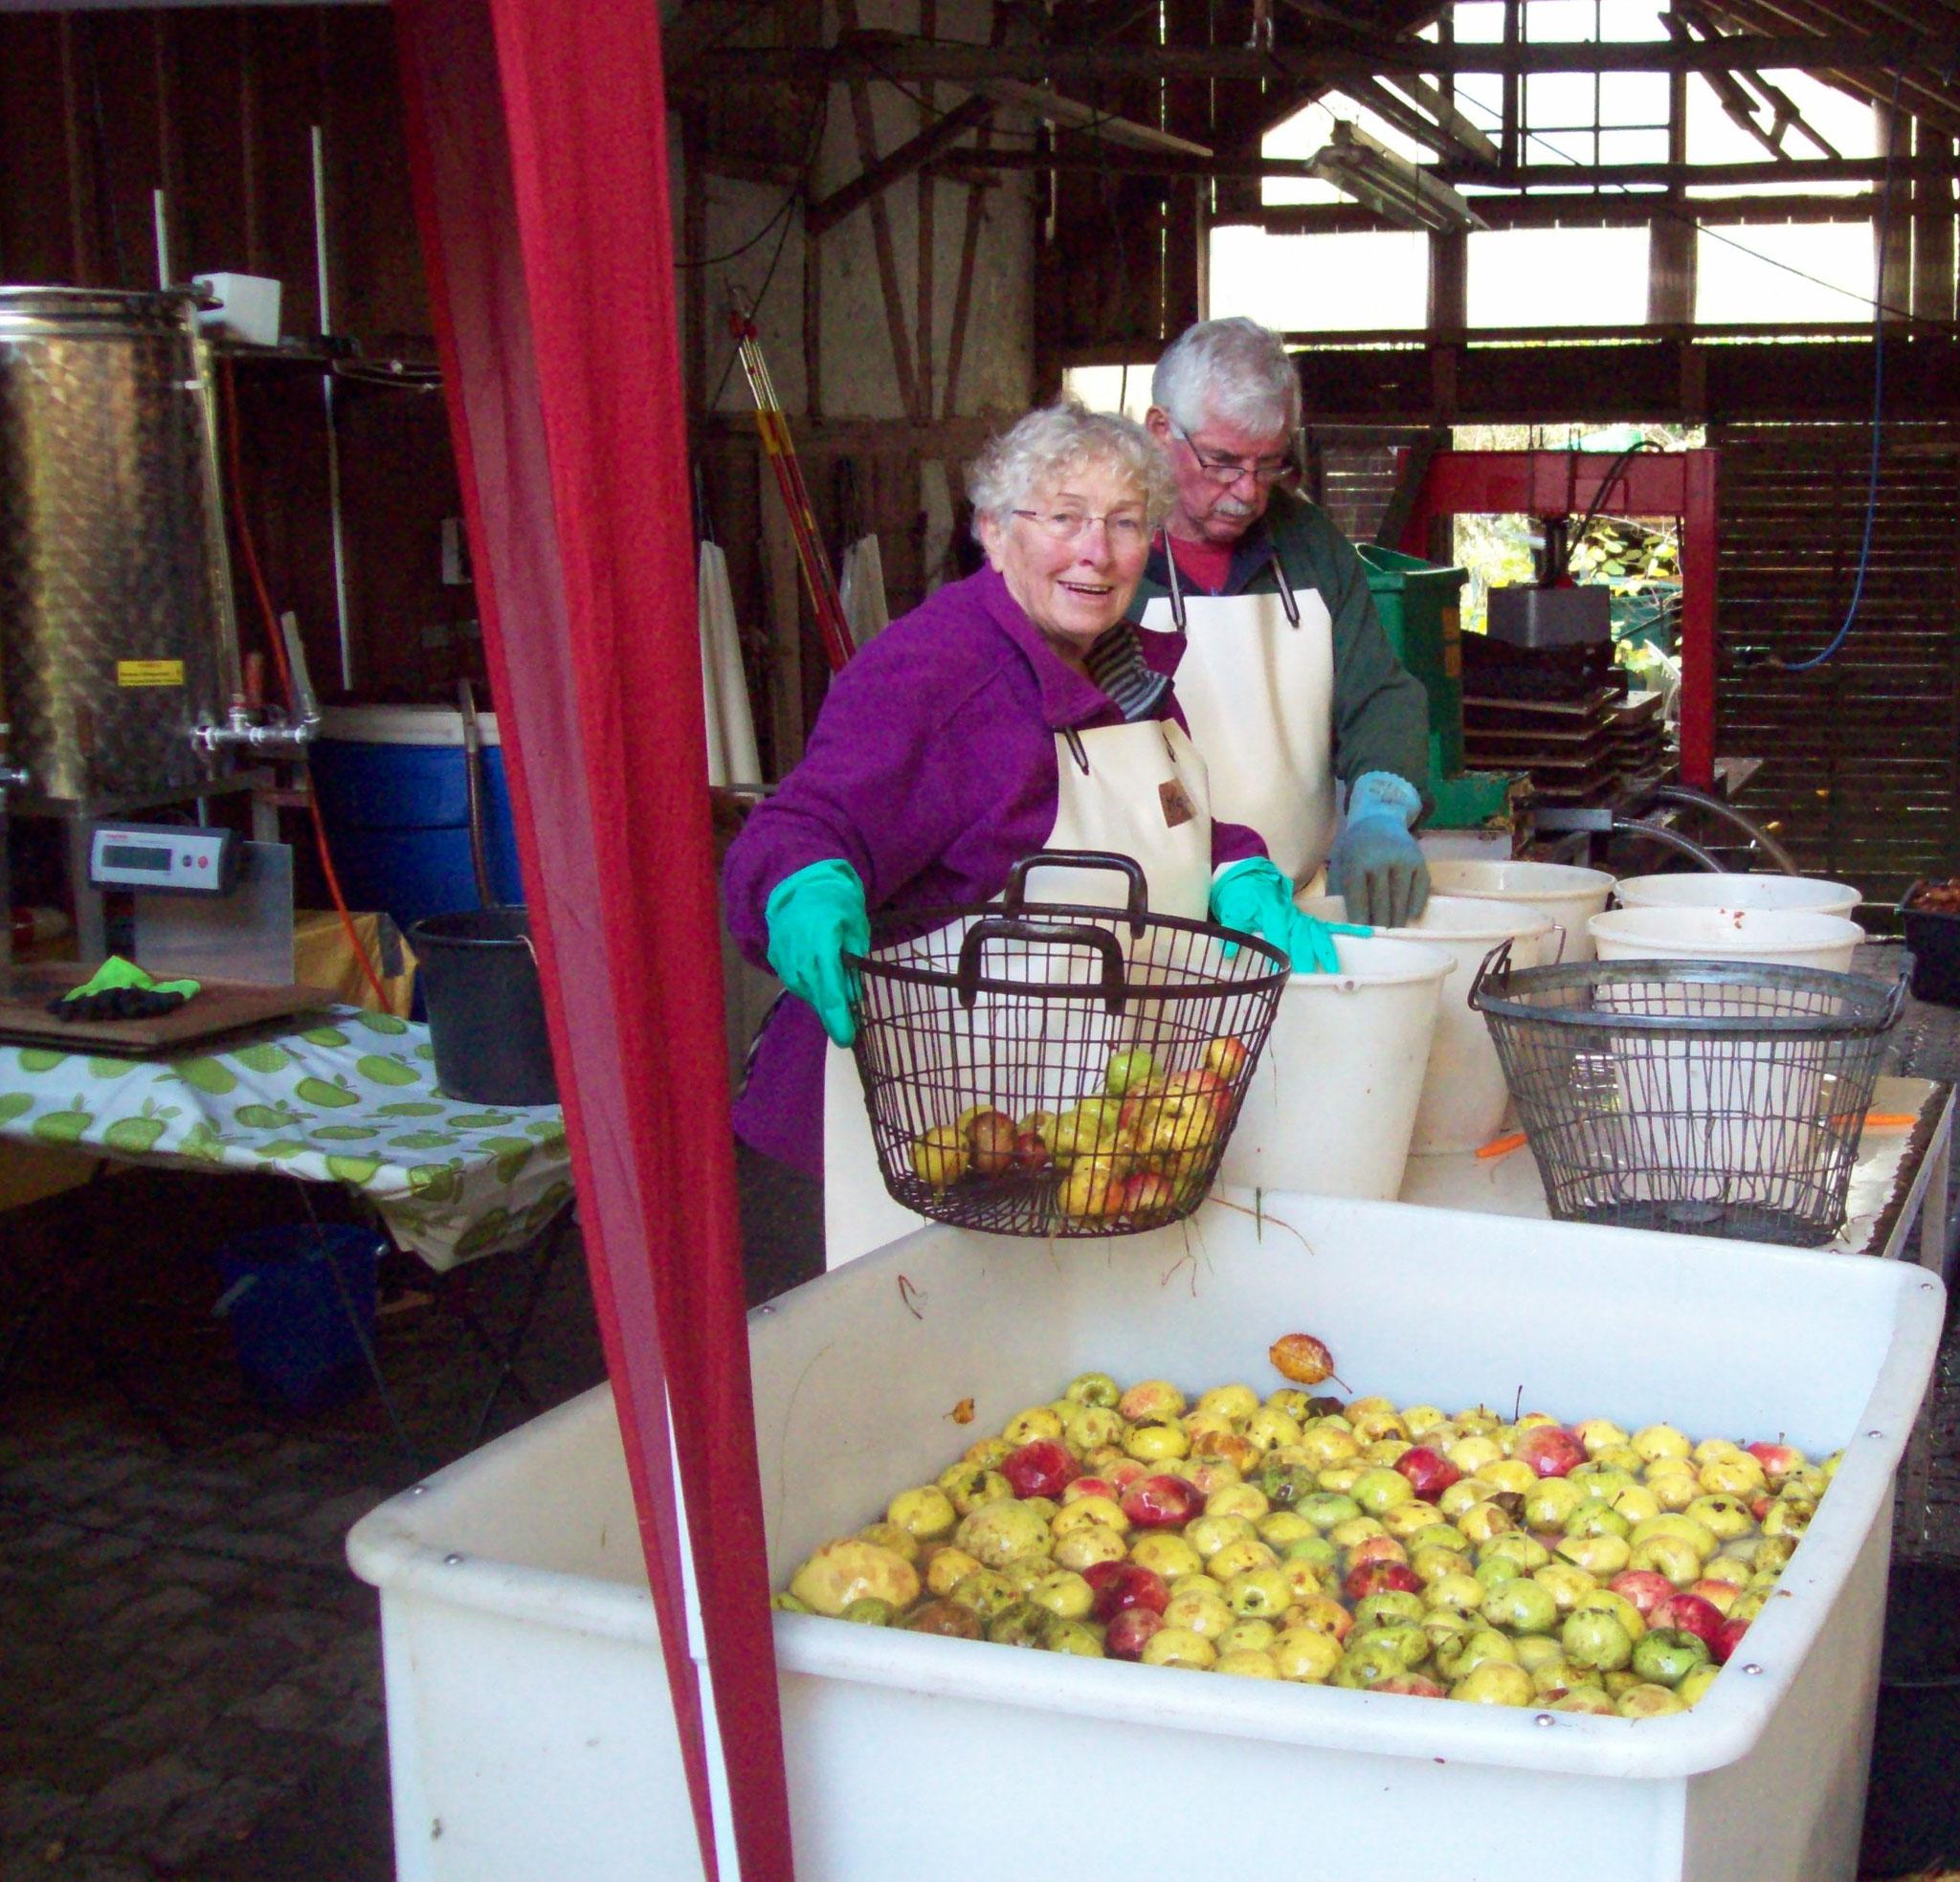 Reinigung und Handverlesung des Obstes